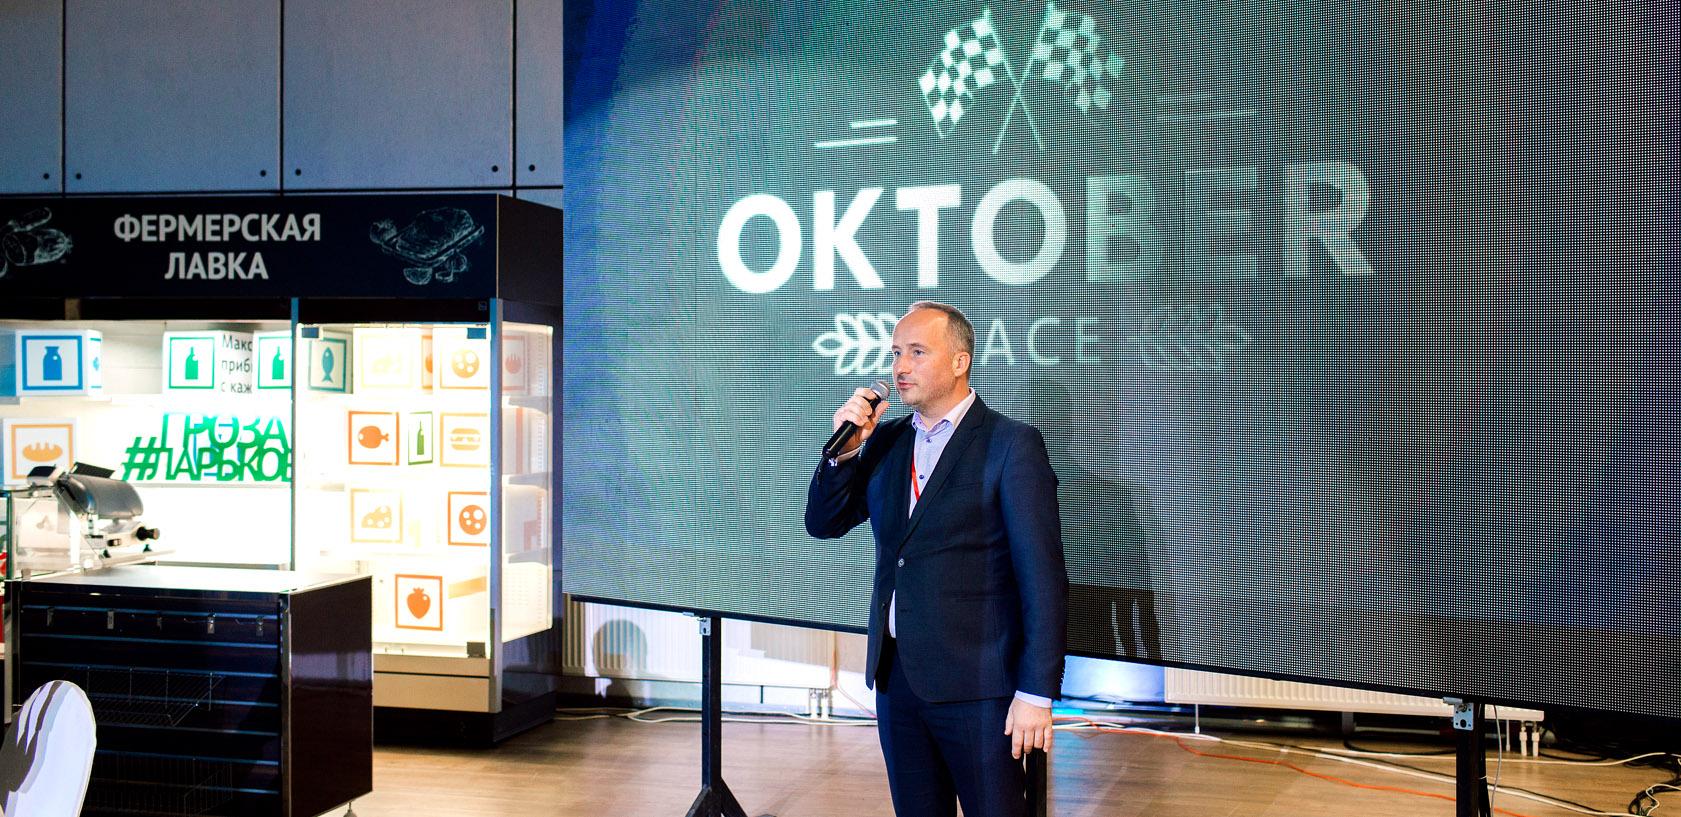 Презентация на мероприятии для дилеров: новое холодильное оборудование от Brandford